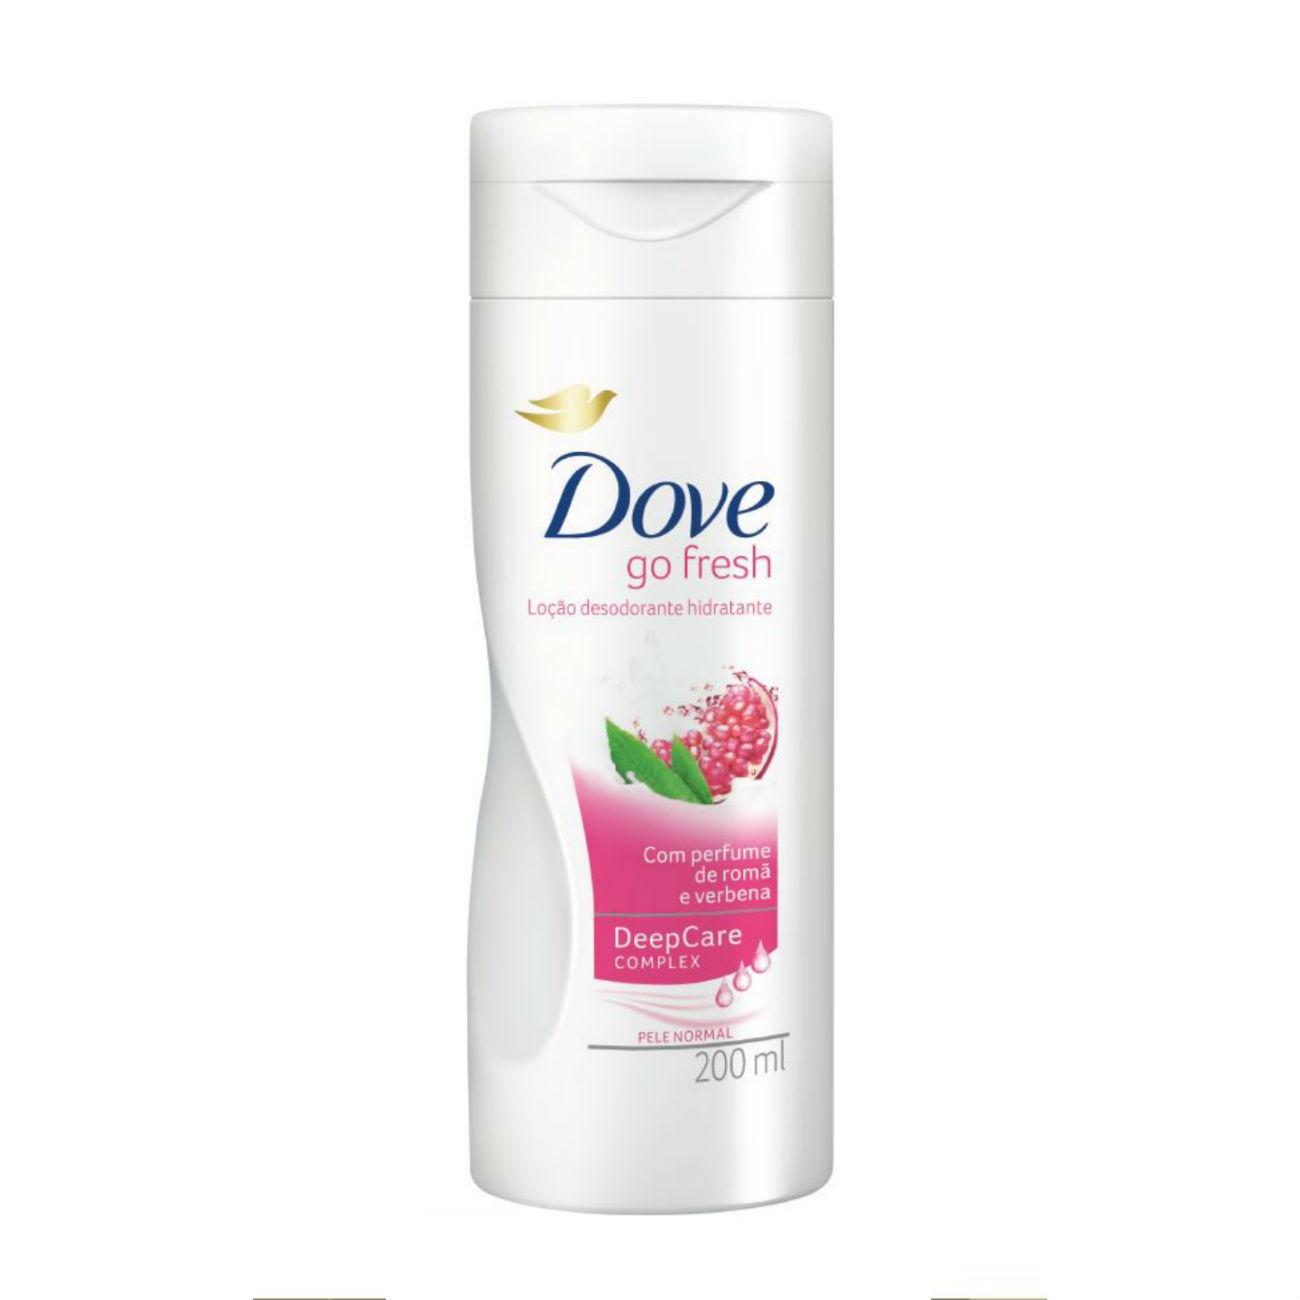 Loção Hidratante Dove Go Fresh Perfume de romã e verbena 200ml